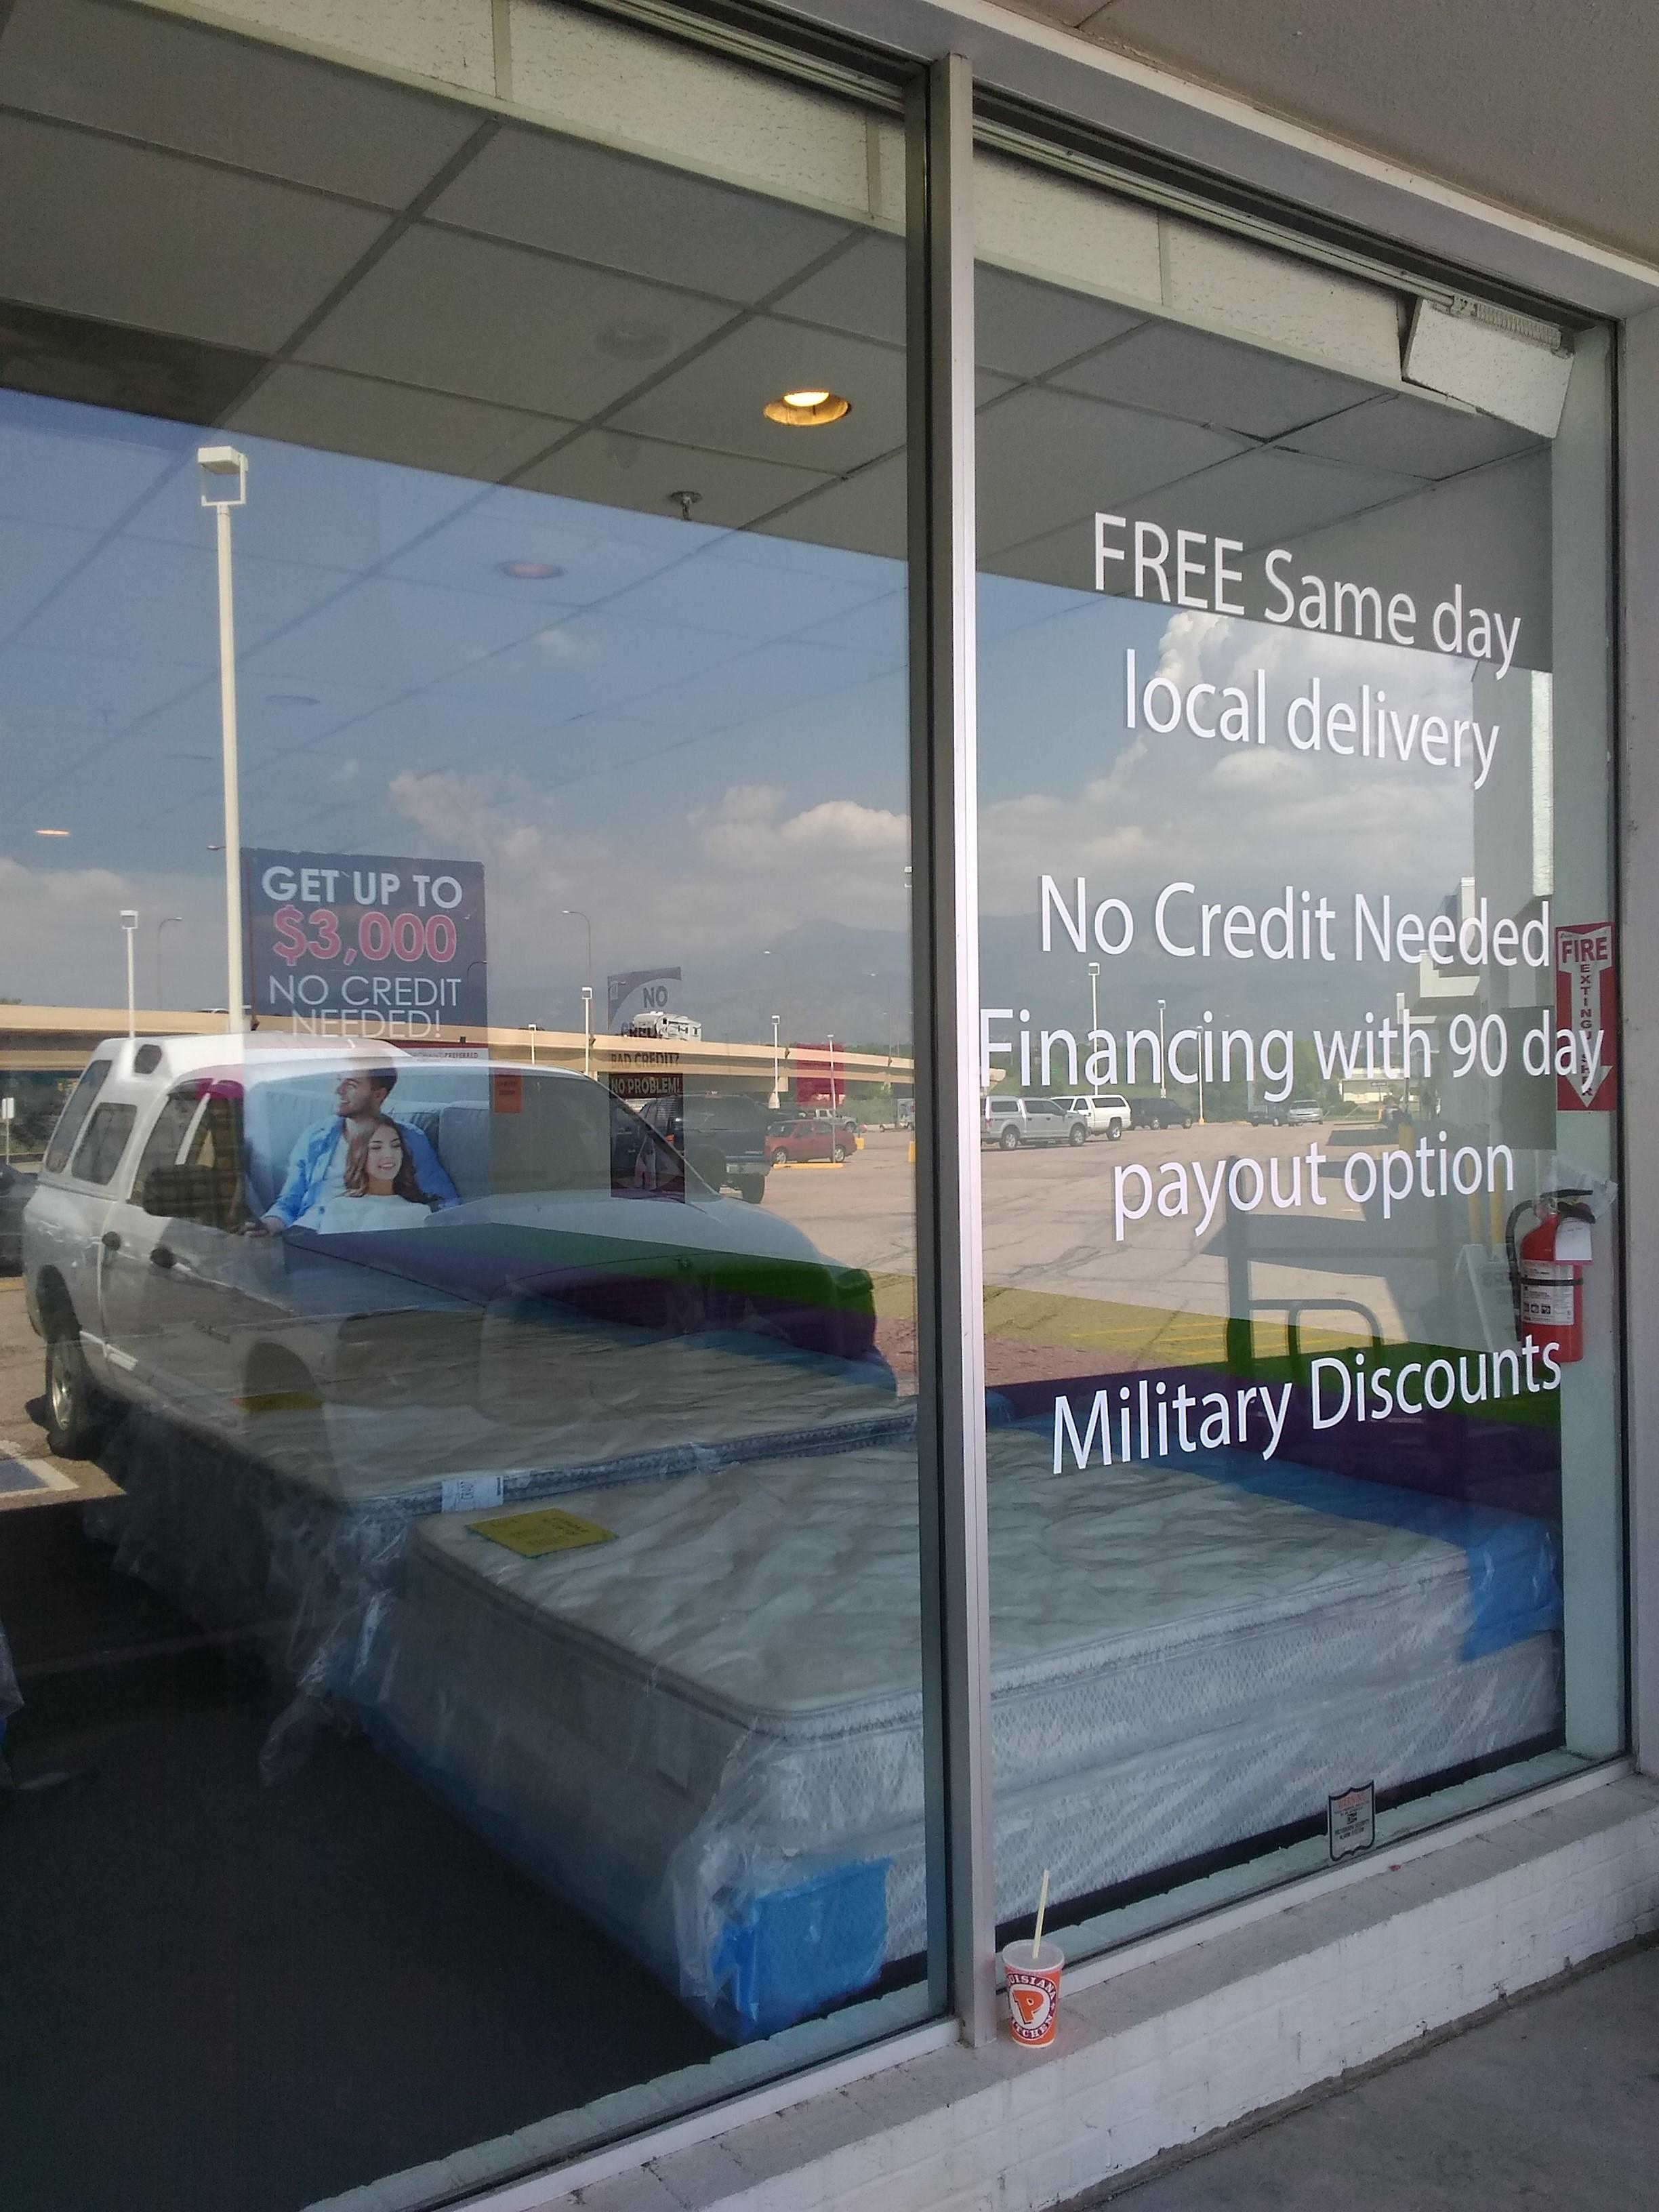 Colorado Discount Mattress image 2